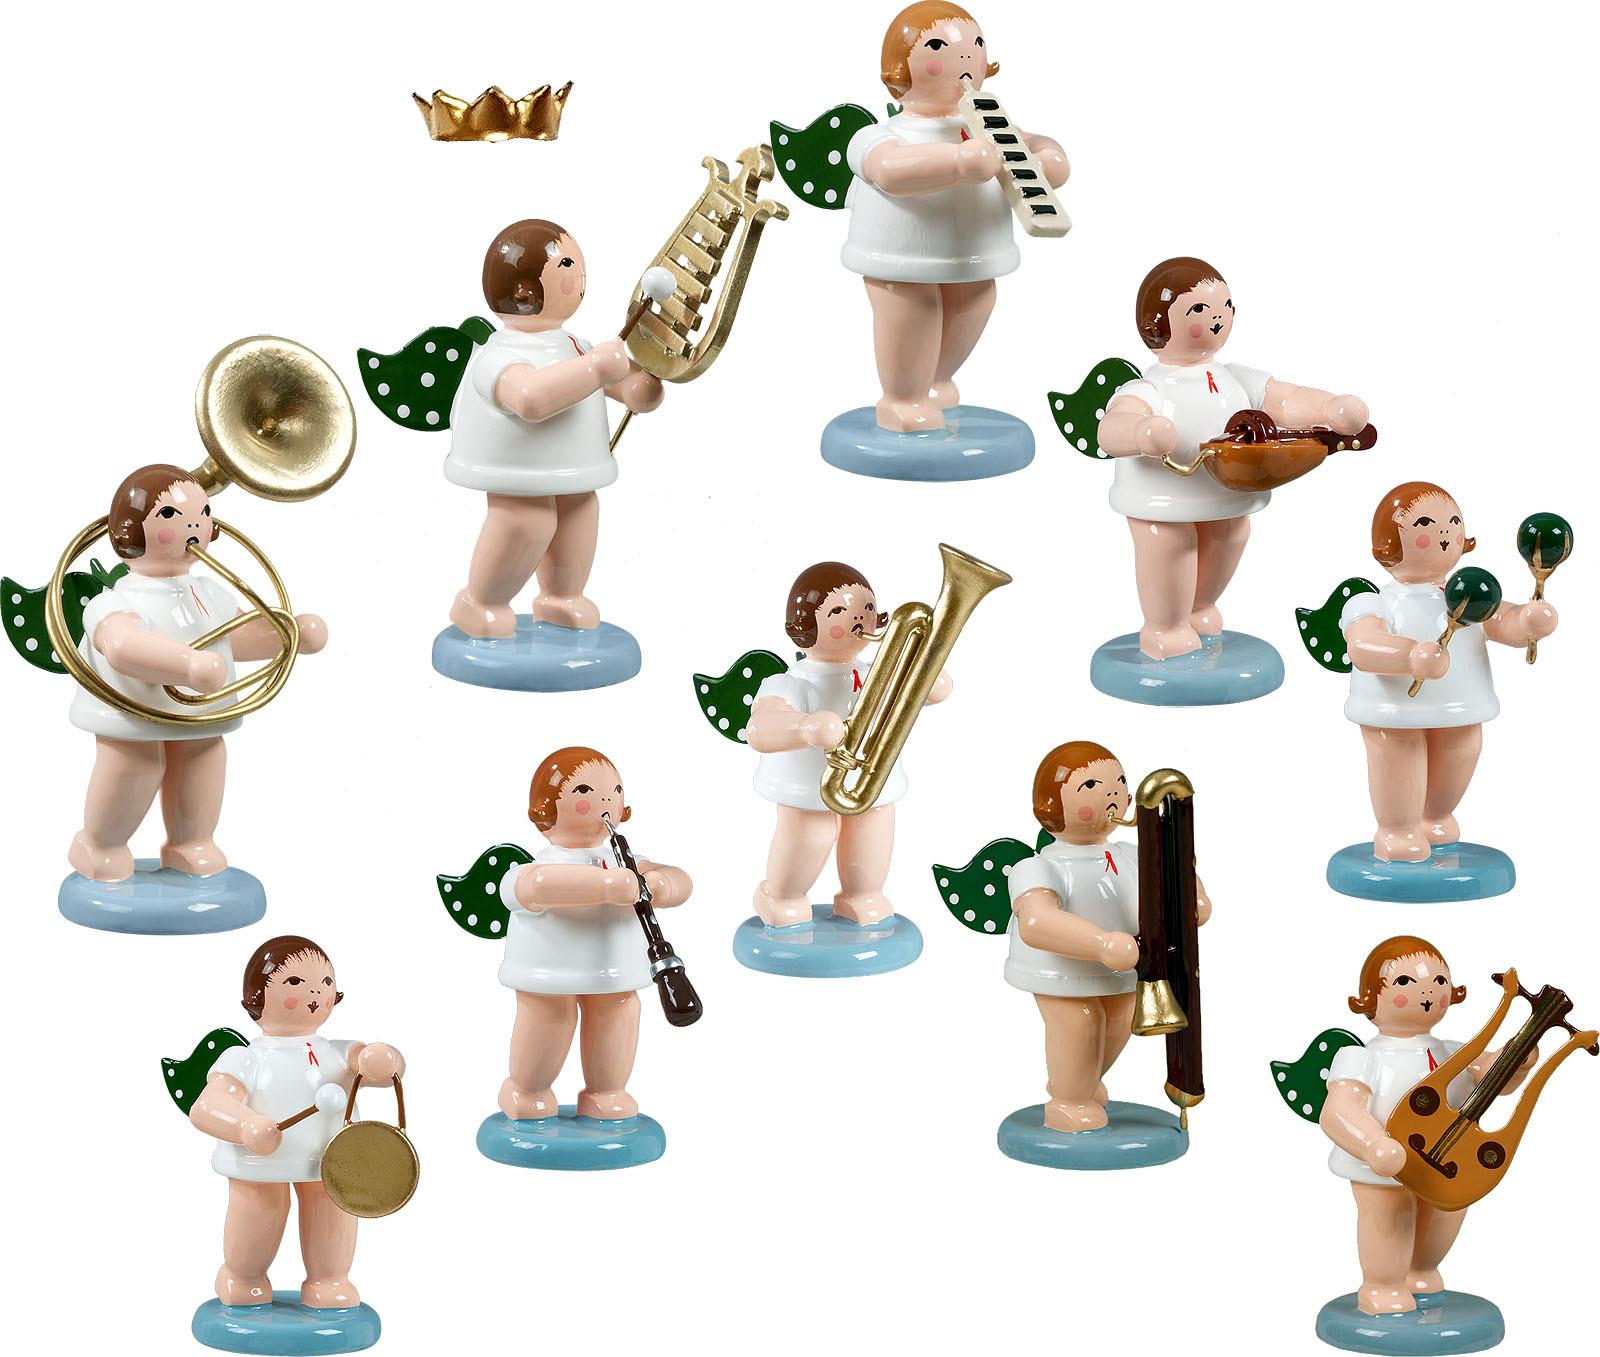 Engelmusikanten 10-teilig, Variante 7 - mit Krone